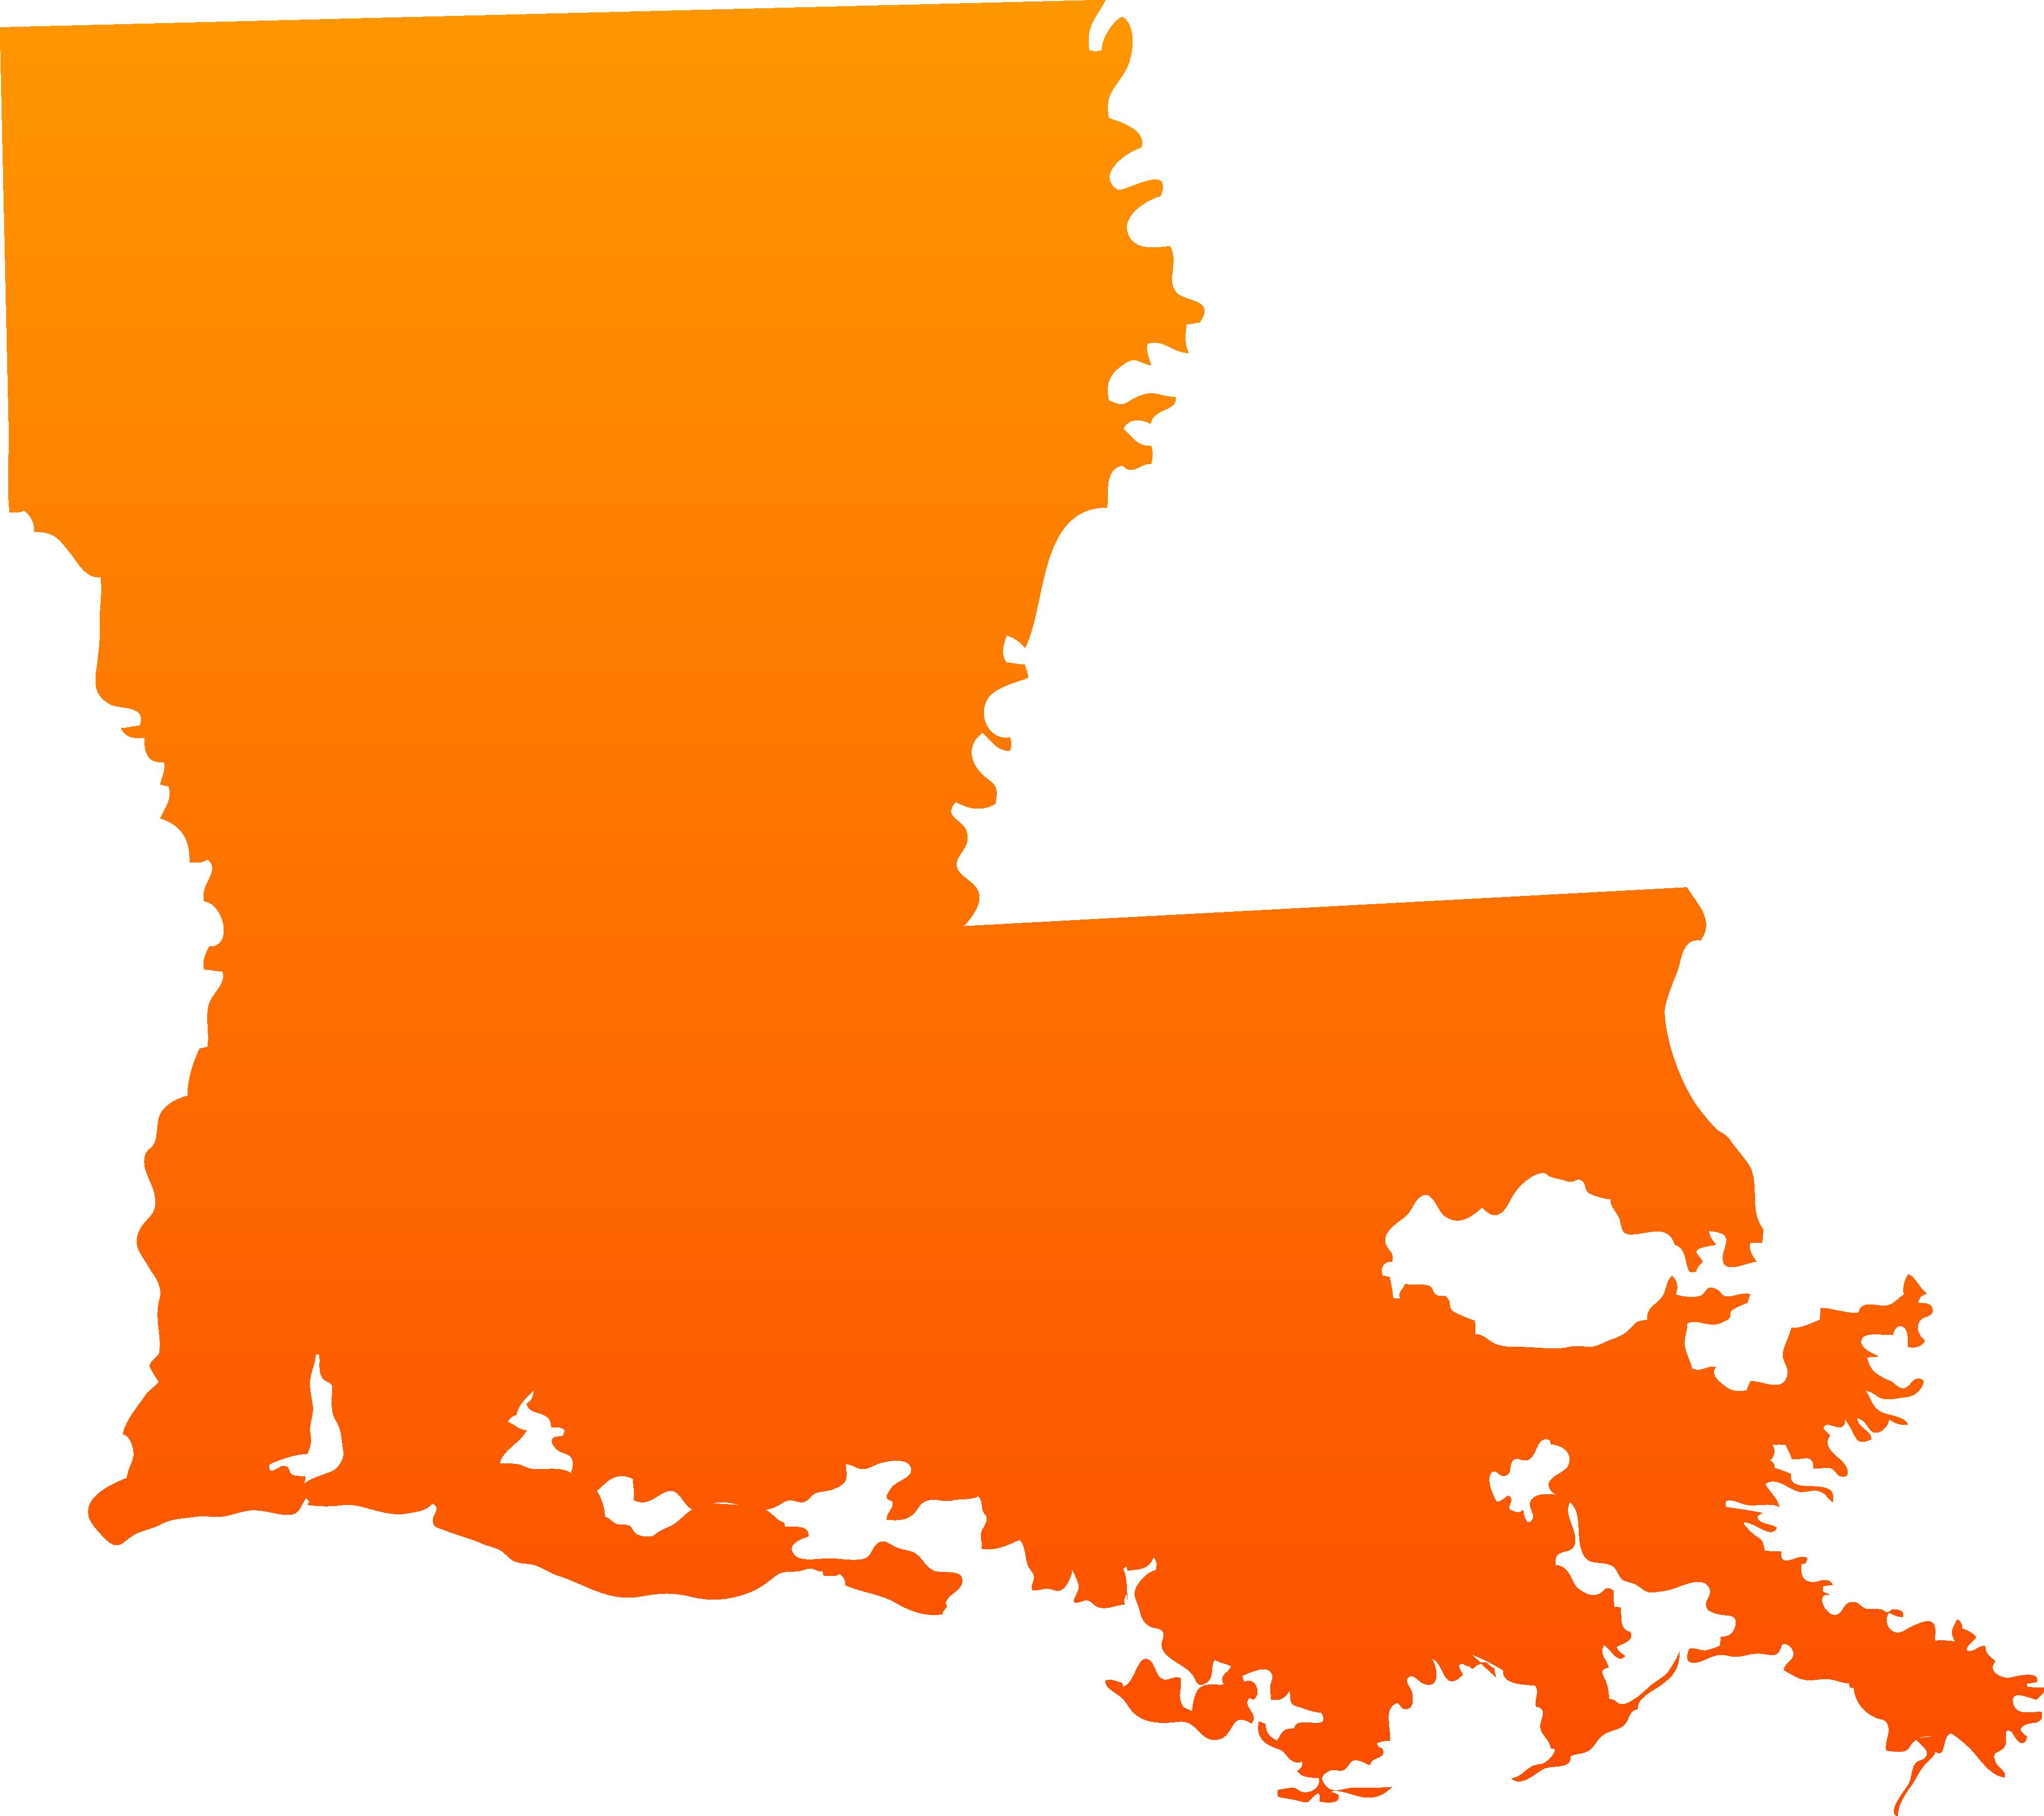 clipart free . Louisiana clipart.